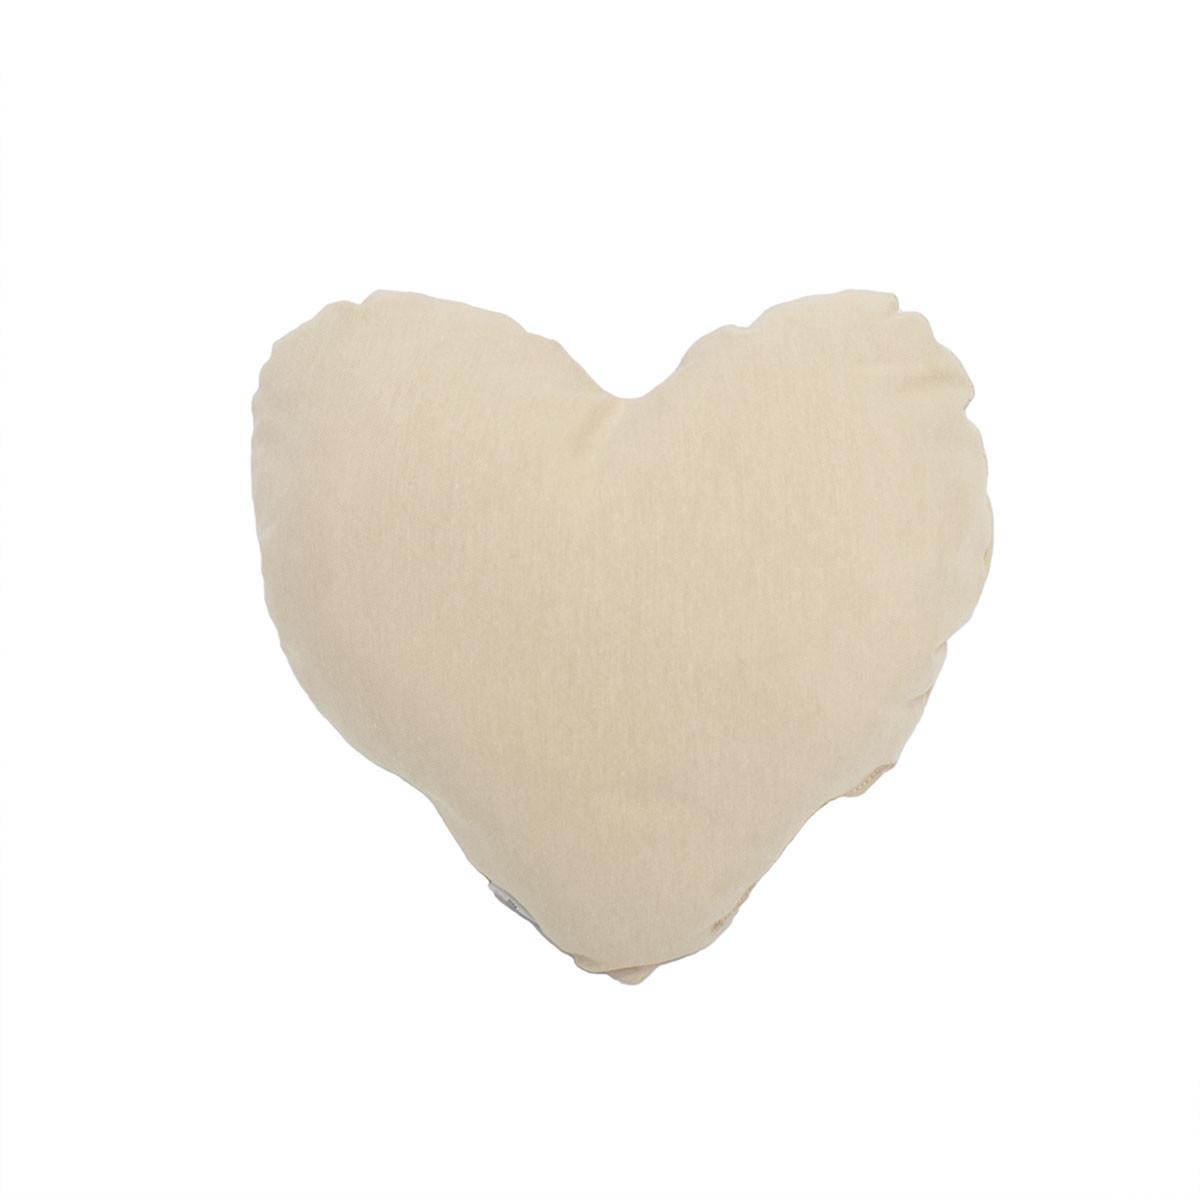 Διακοσμητικό Μαξιλάρι Cigit Heart Beige